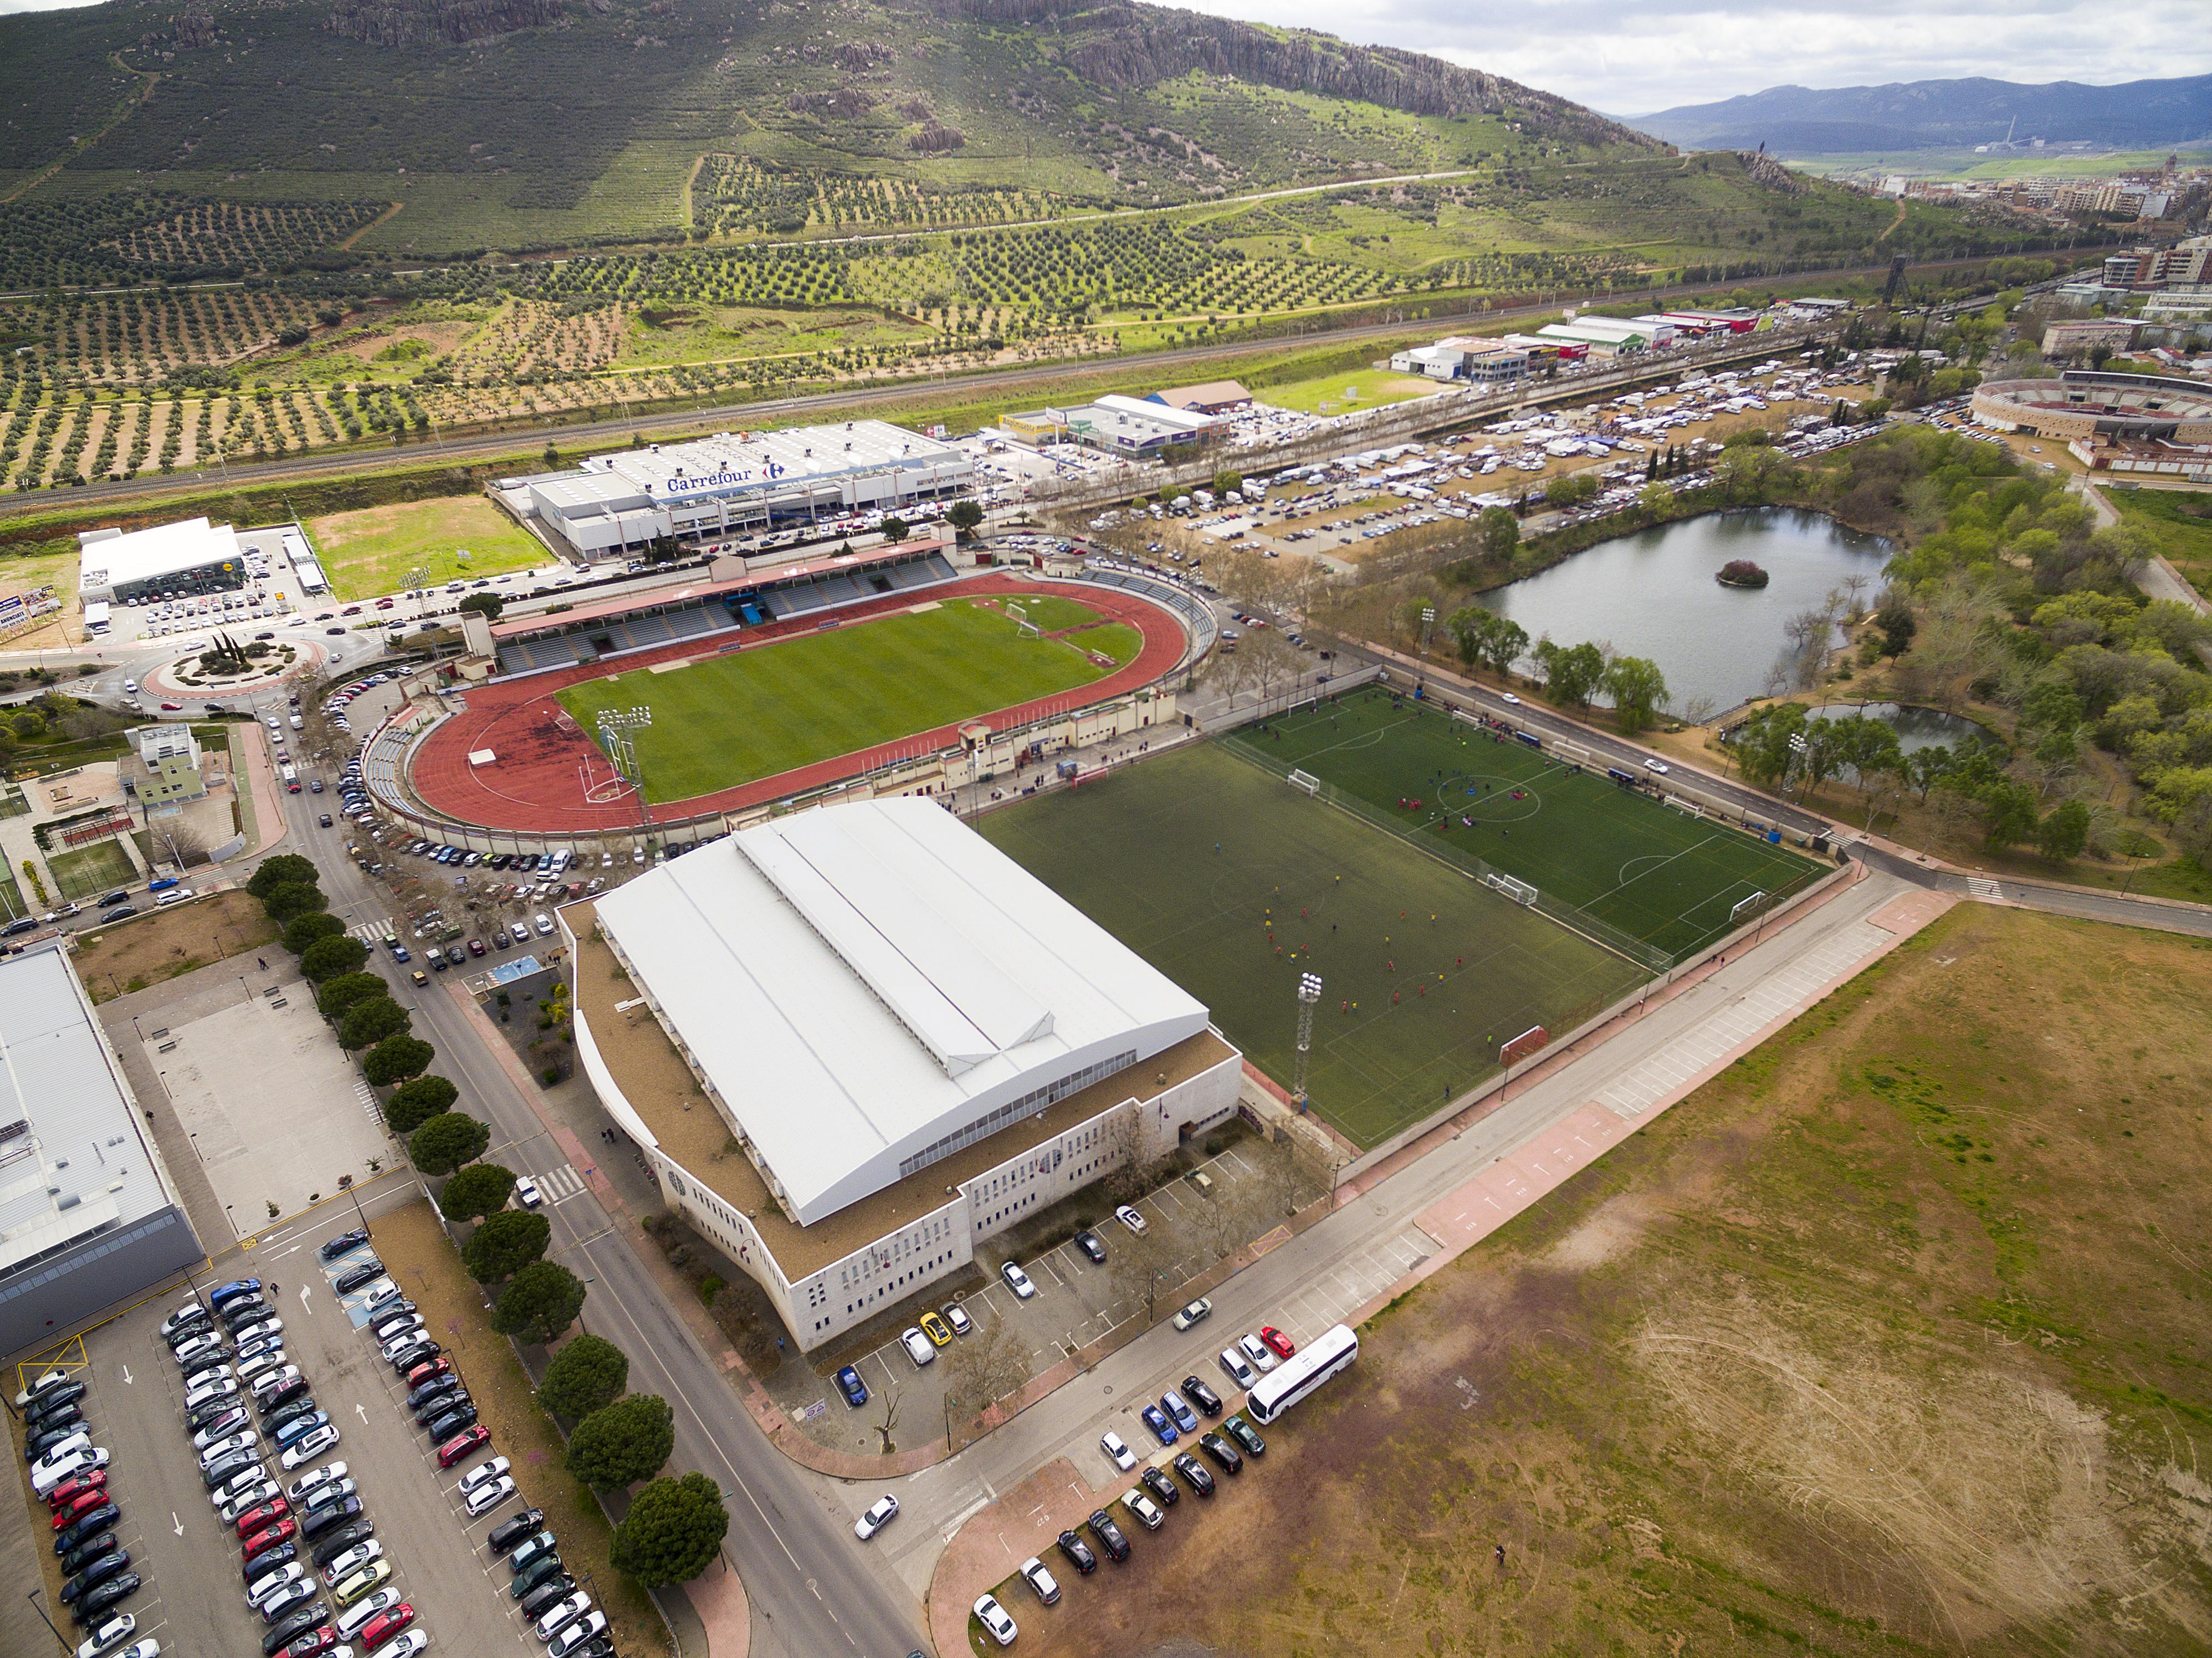 Imagen aérea de las instalaciones deportivas de la ciudad